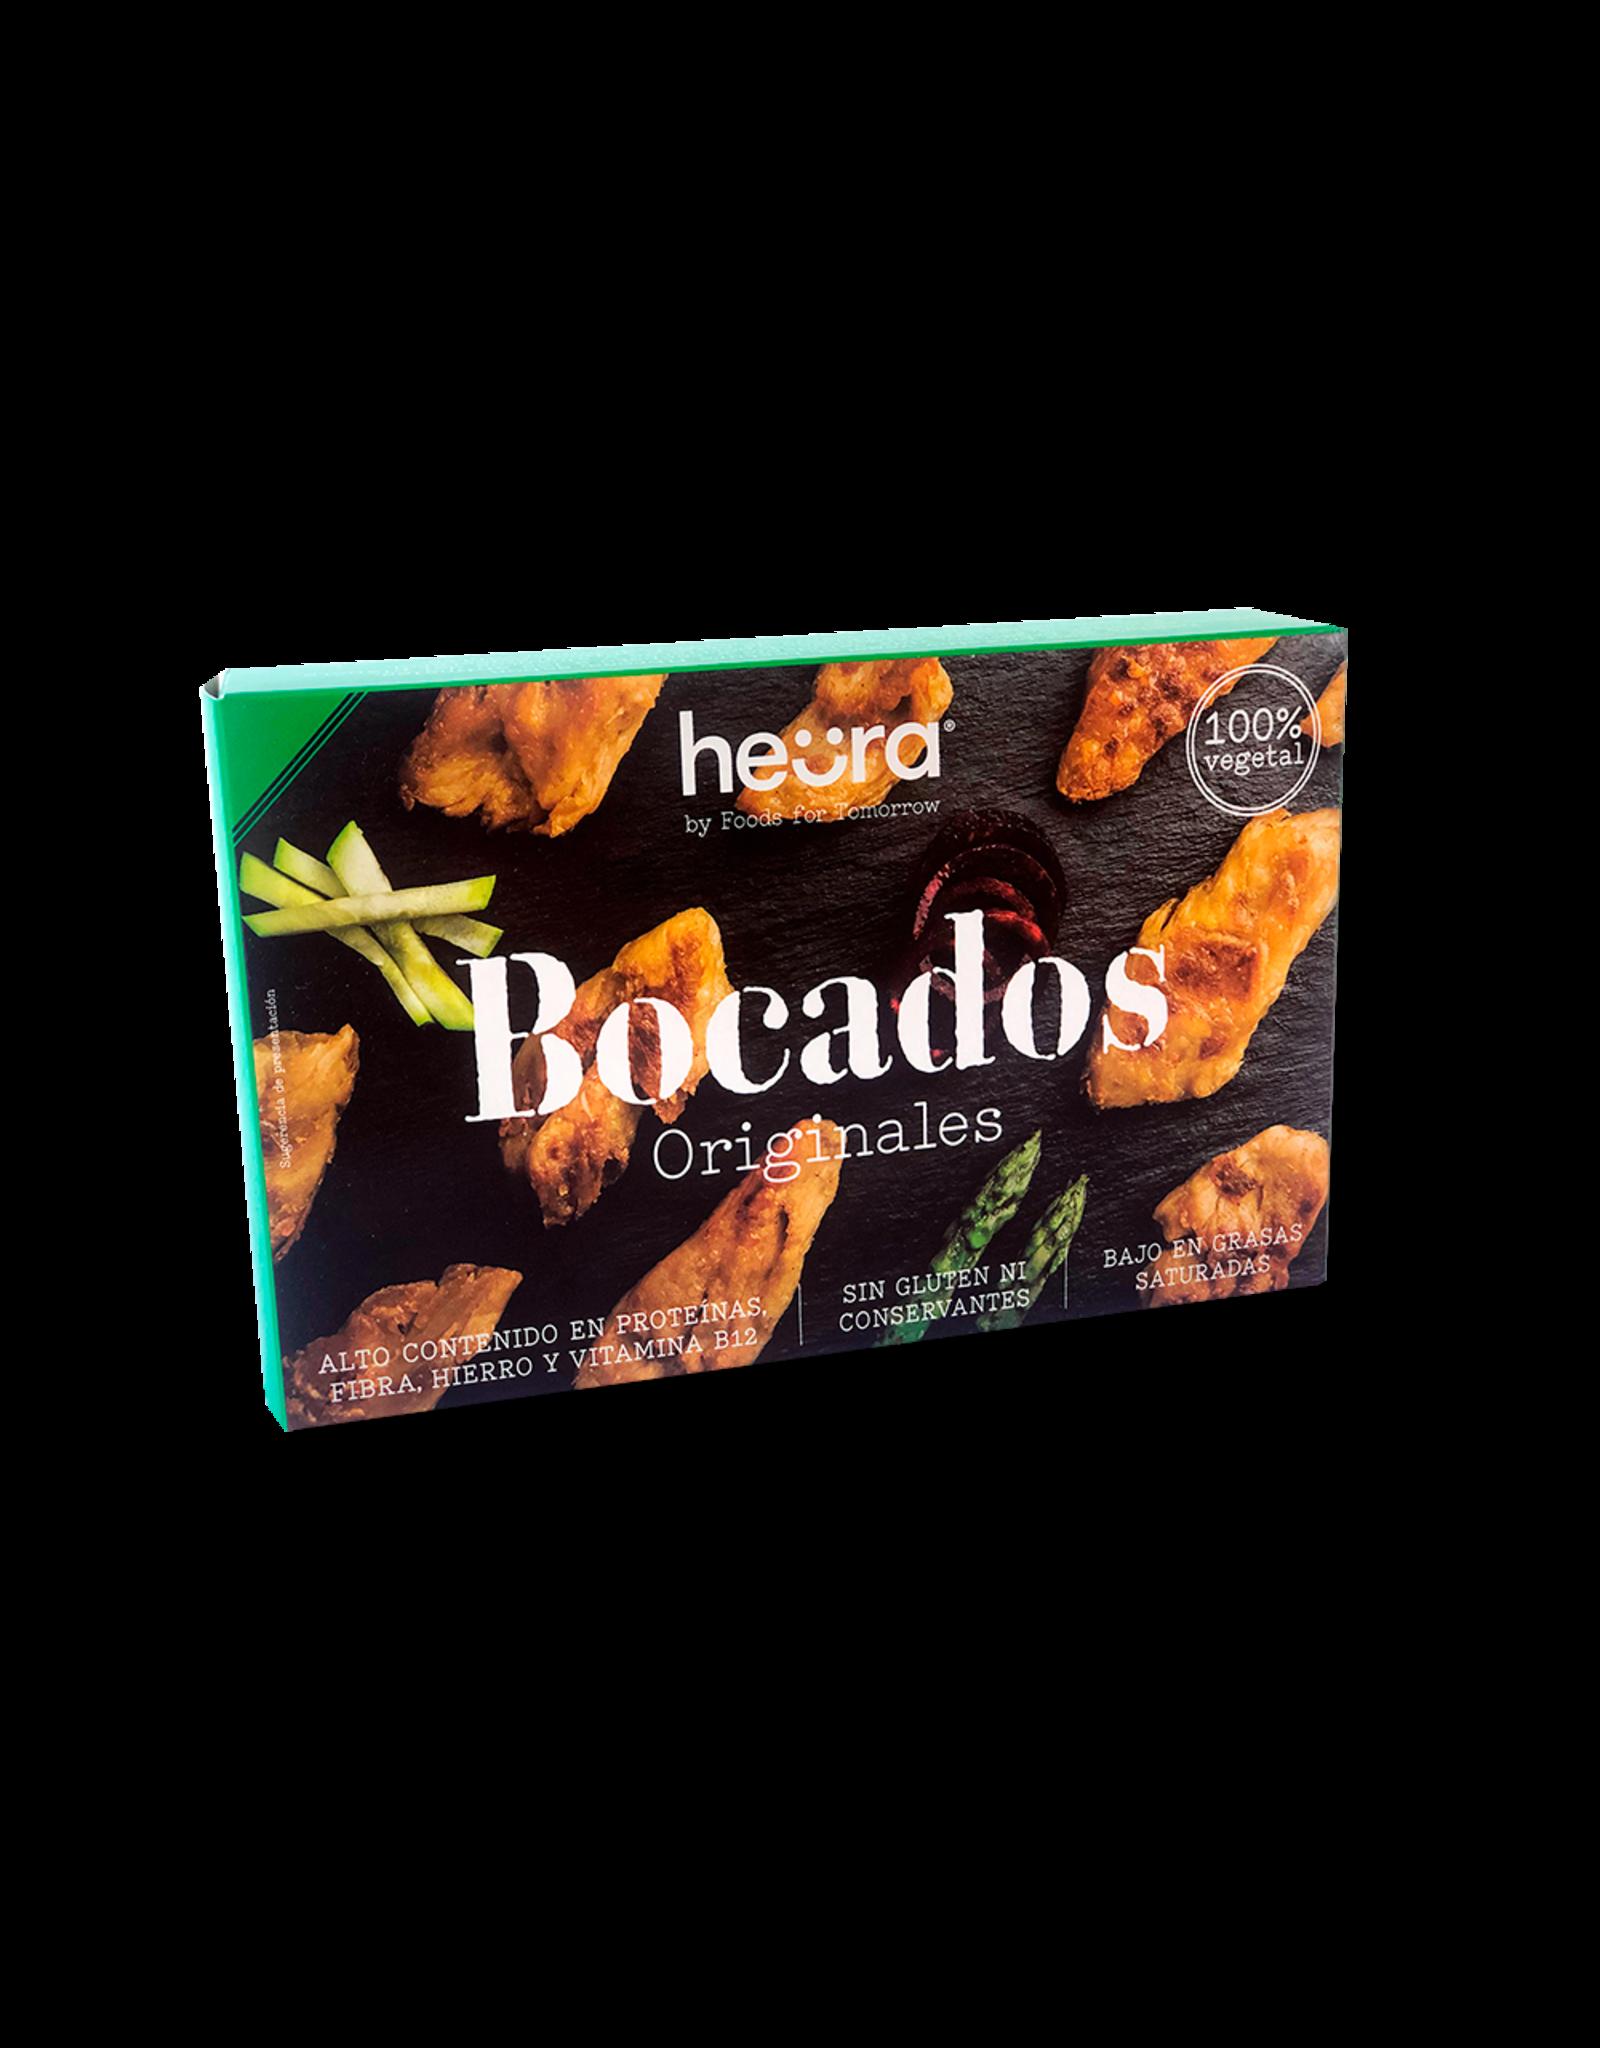 HEURA Bocados original, 180g ❄️❄️❄️